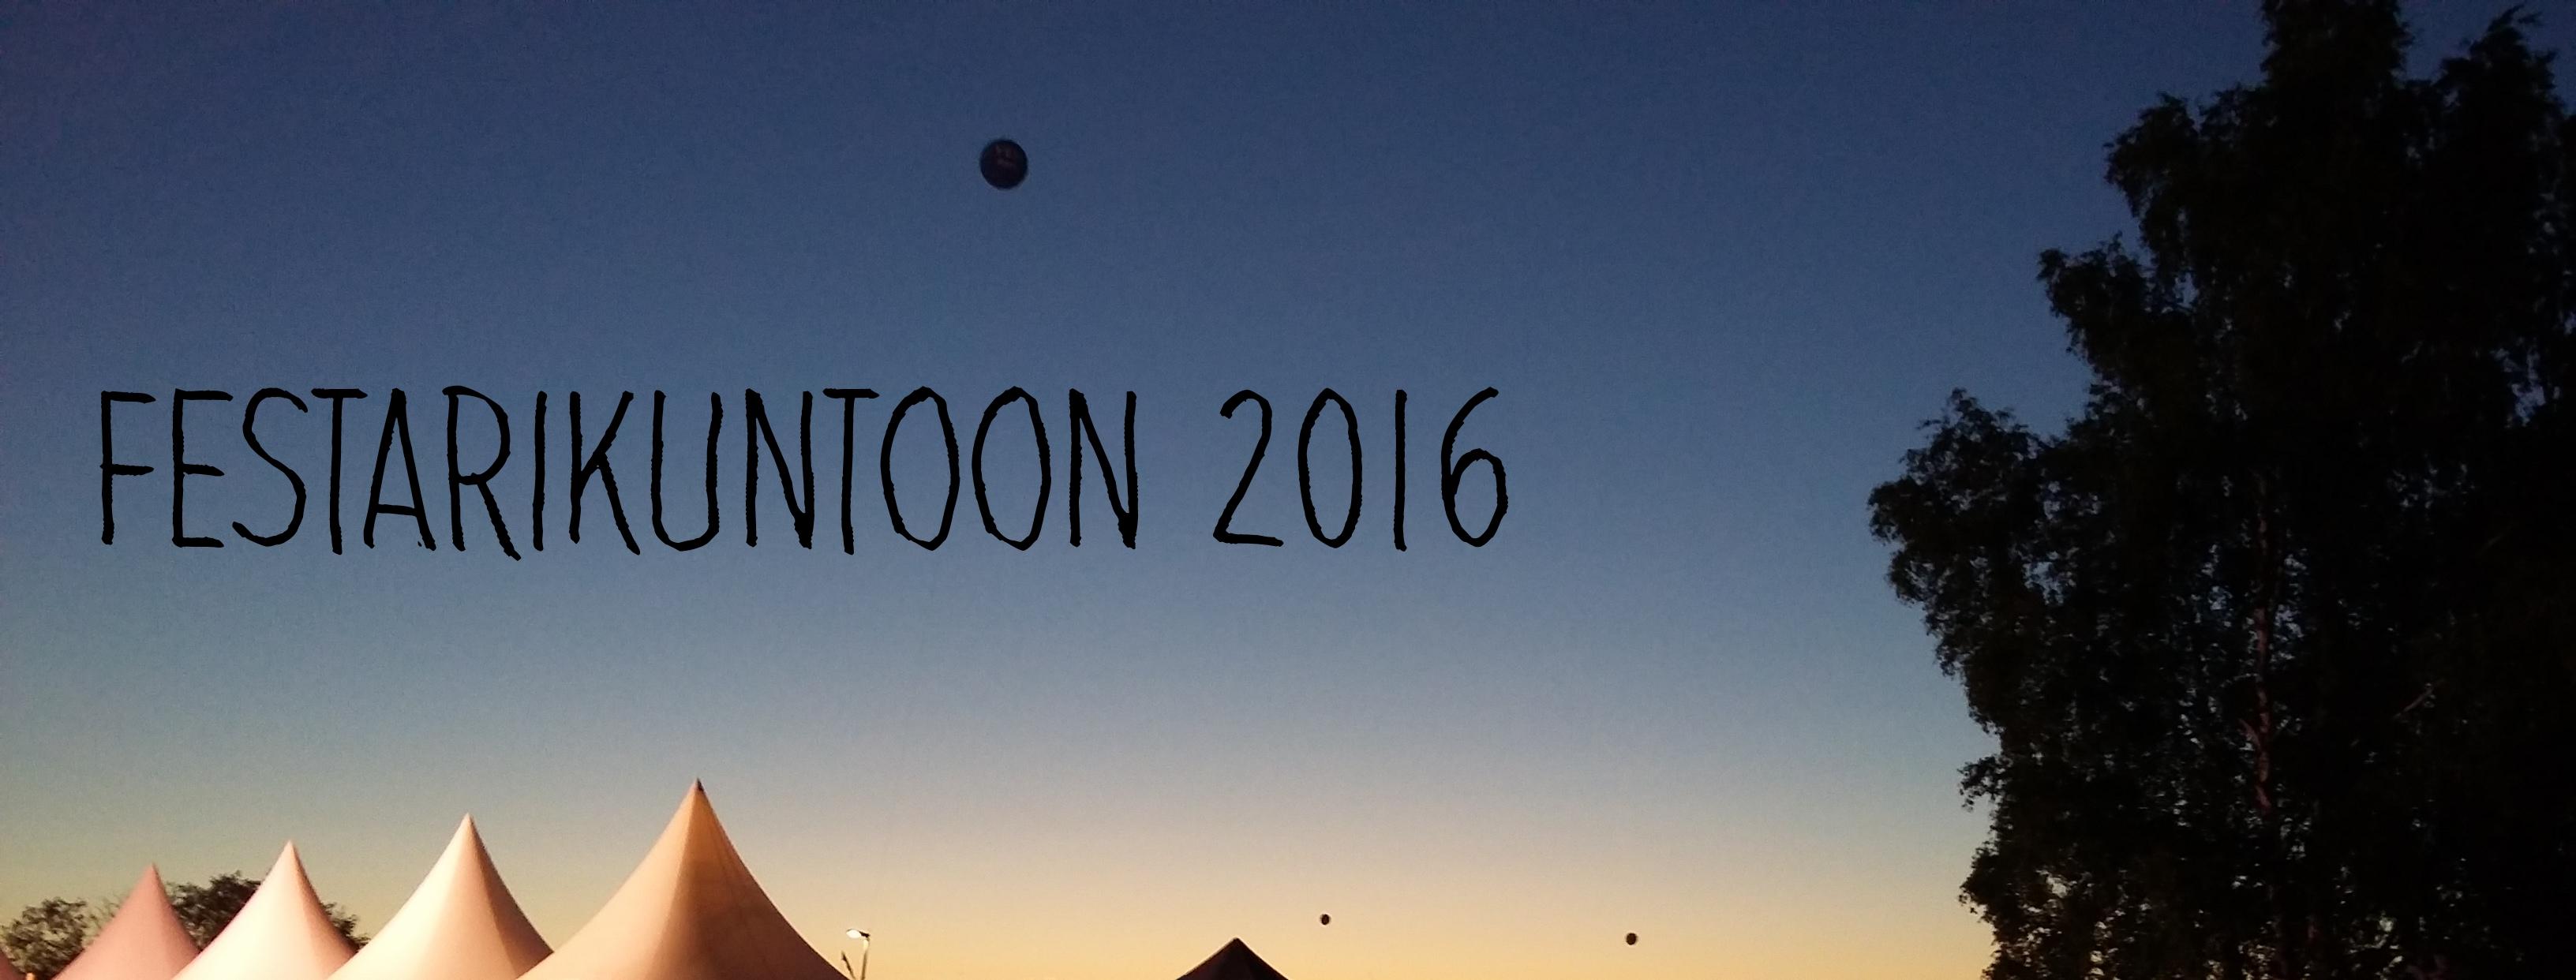 Festarikuntoon 2016